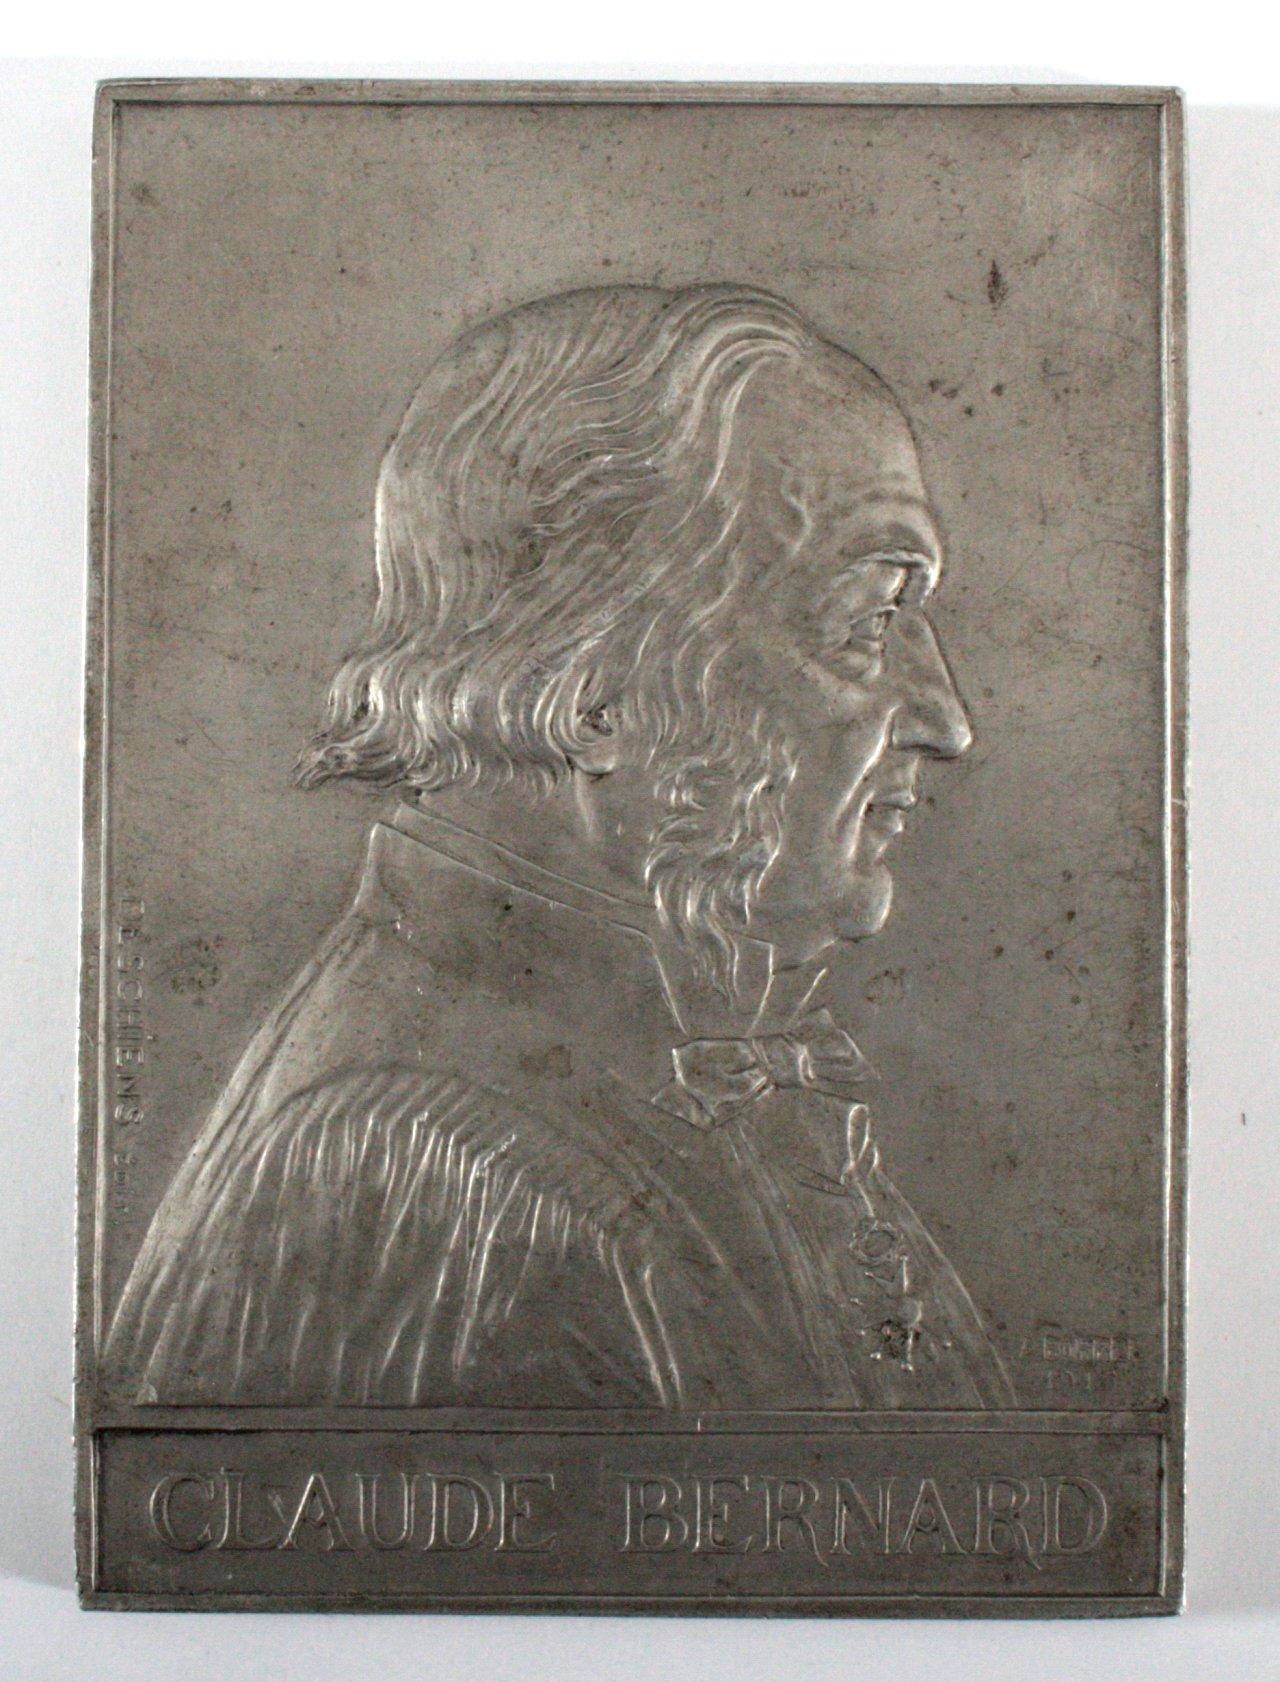 Französische Aluminiumplakette, Claude Bernard, signiert